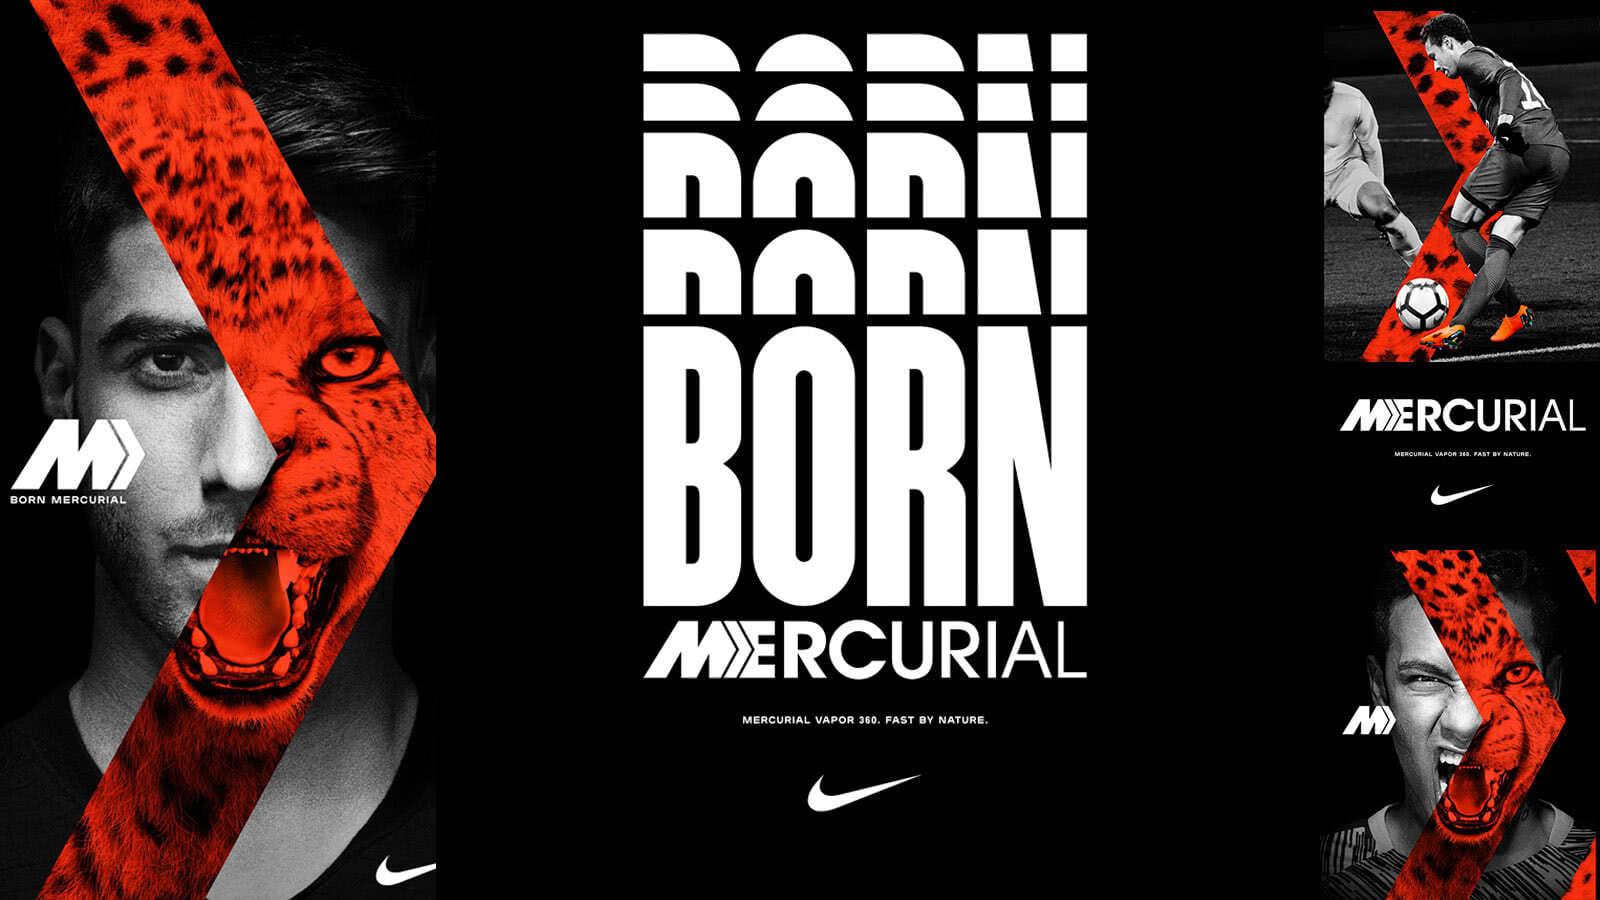 Kauf dir alle Nike Fußballschuhe im Shop immer zum Sonderpreis. Nike Mercurial, Hypervenom, Magista oder Tiempo